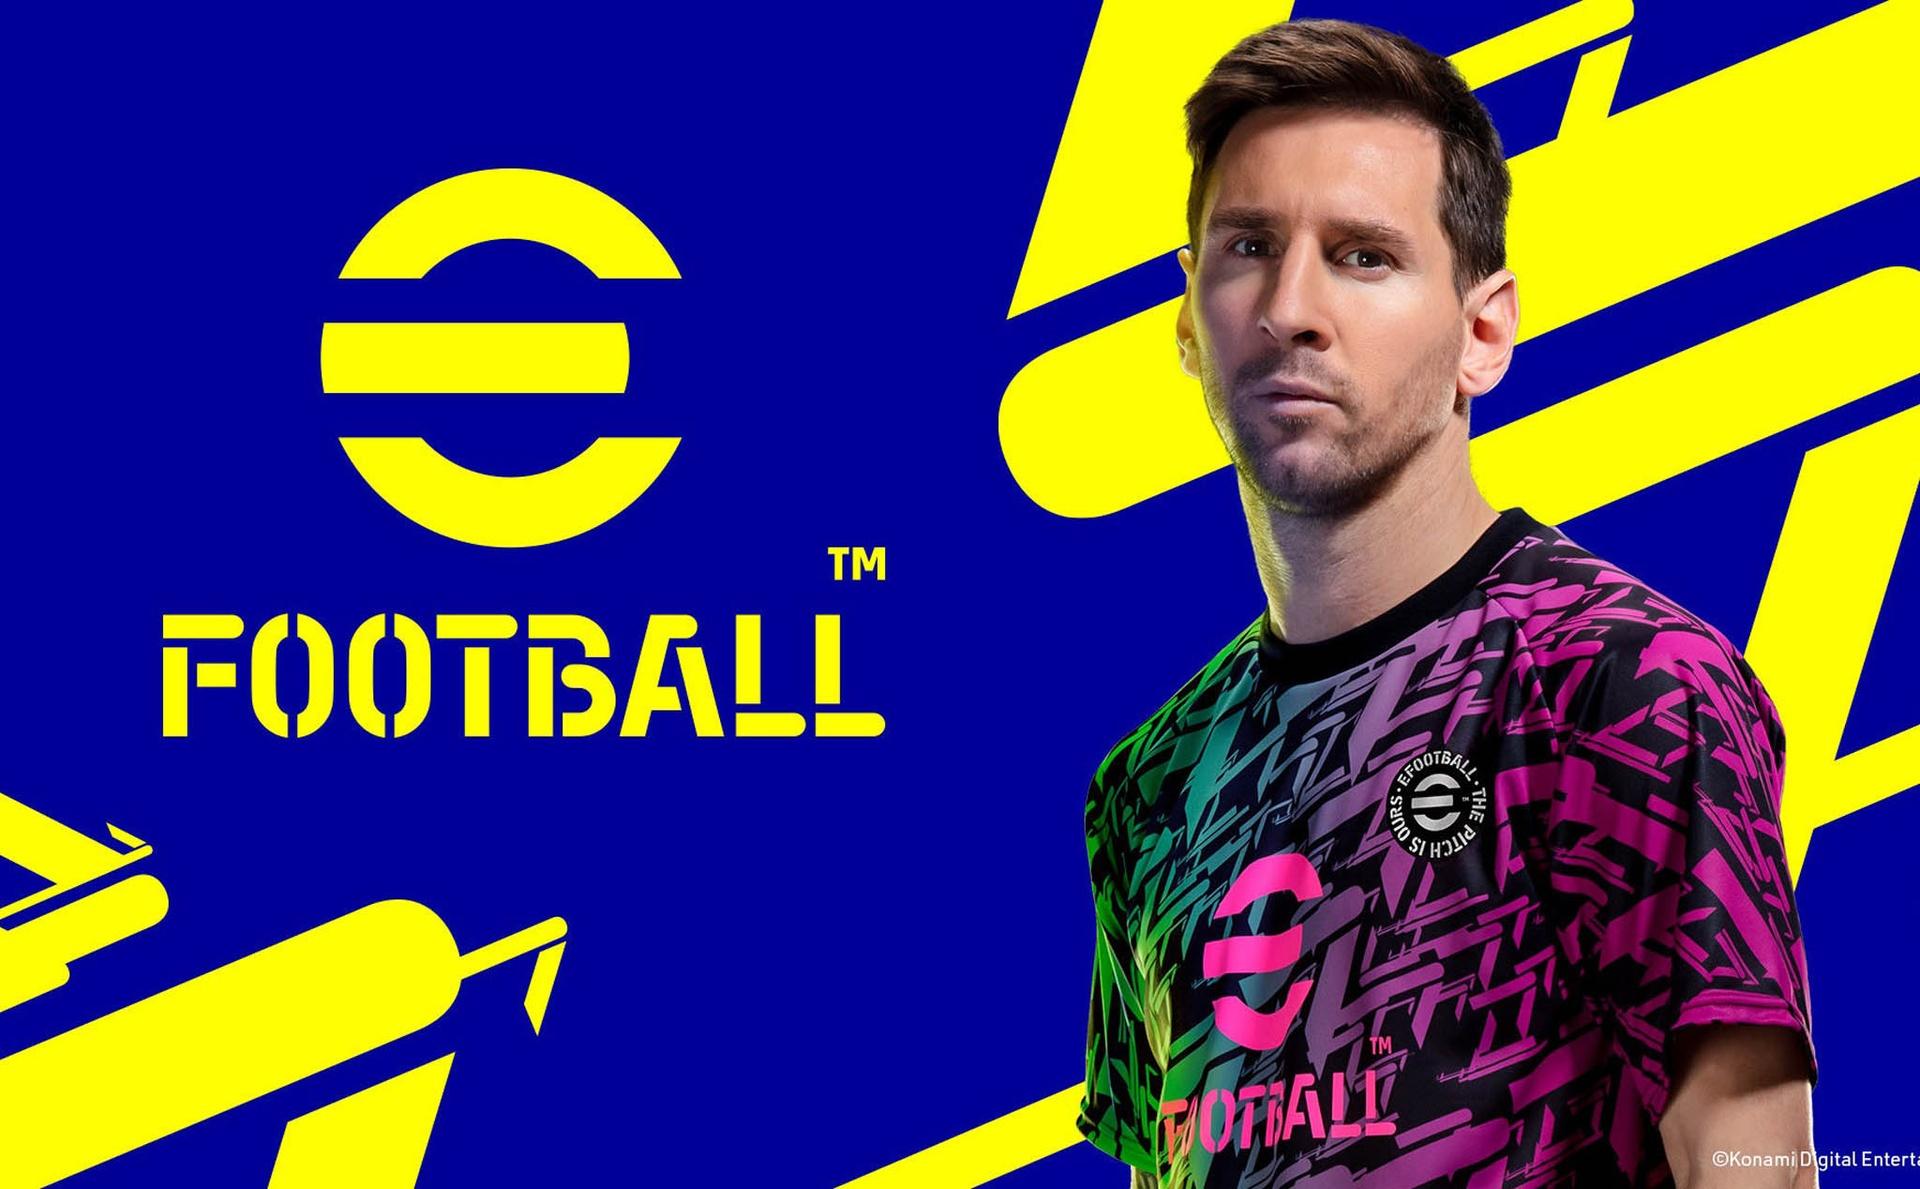 Nc247info tổng hợp: PES 2022 đổi tên thành eFootball, được phát hành miễn phí